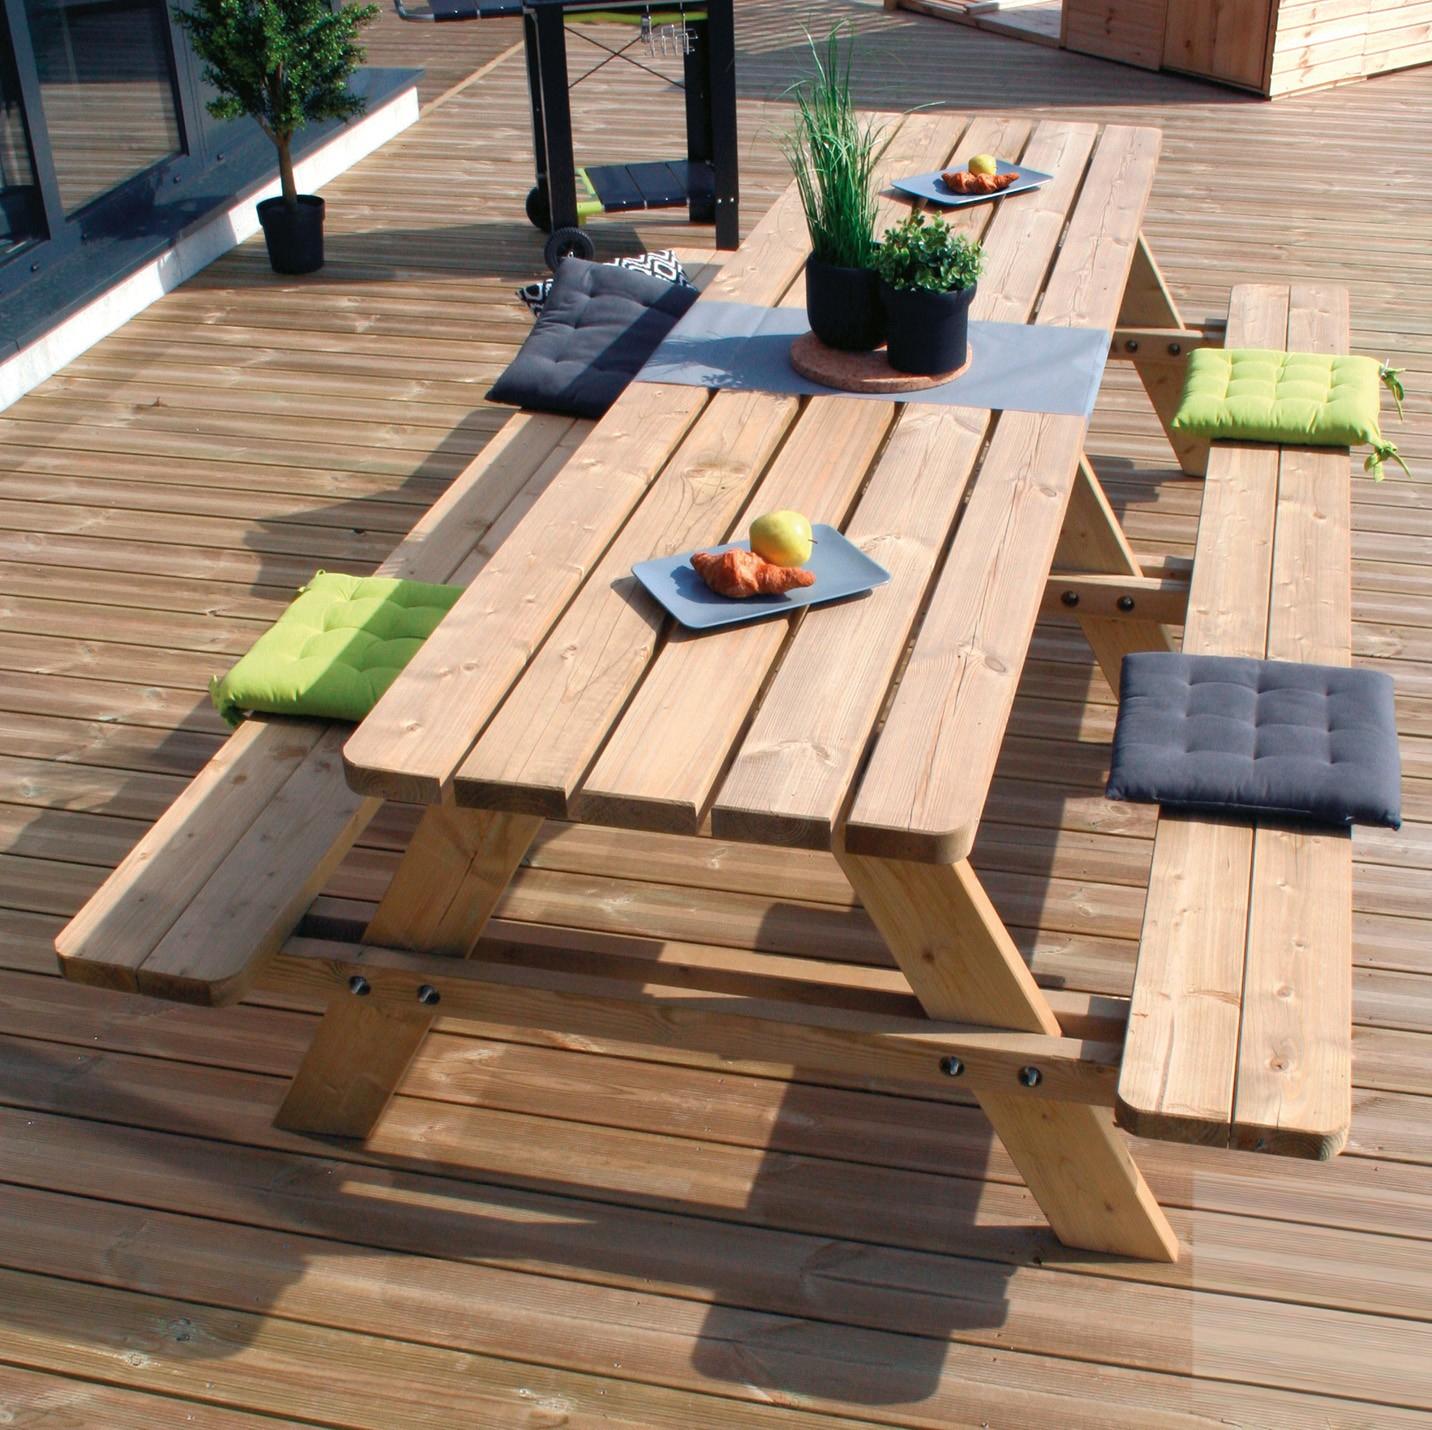 Table De Pique Nique En Bois Matisse 3 M - Mobilier De ... tout Table De Jardin Pique Nique Bois